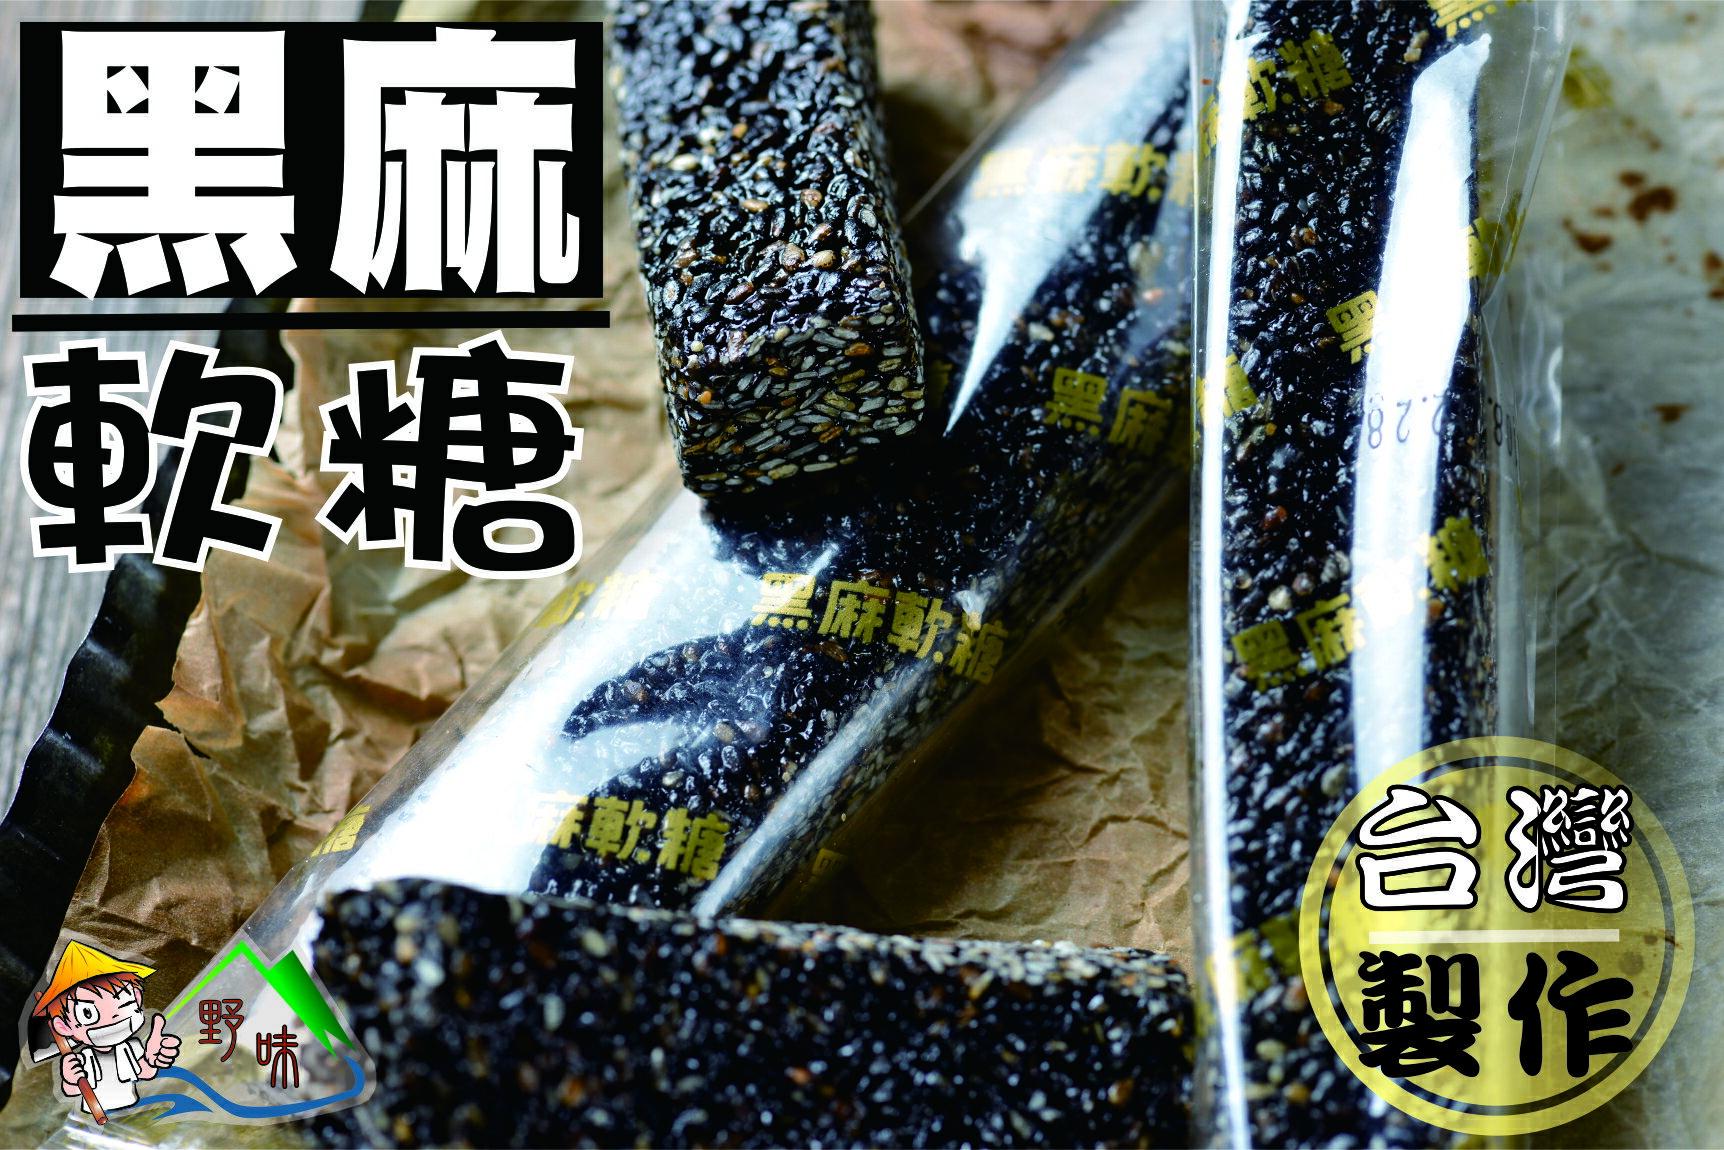 【野味食品】日日旺 花生軟糖(經典原味、濃郁黑芝麻) (245g/包,535g/包)(花生糖)